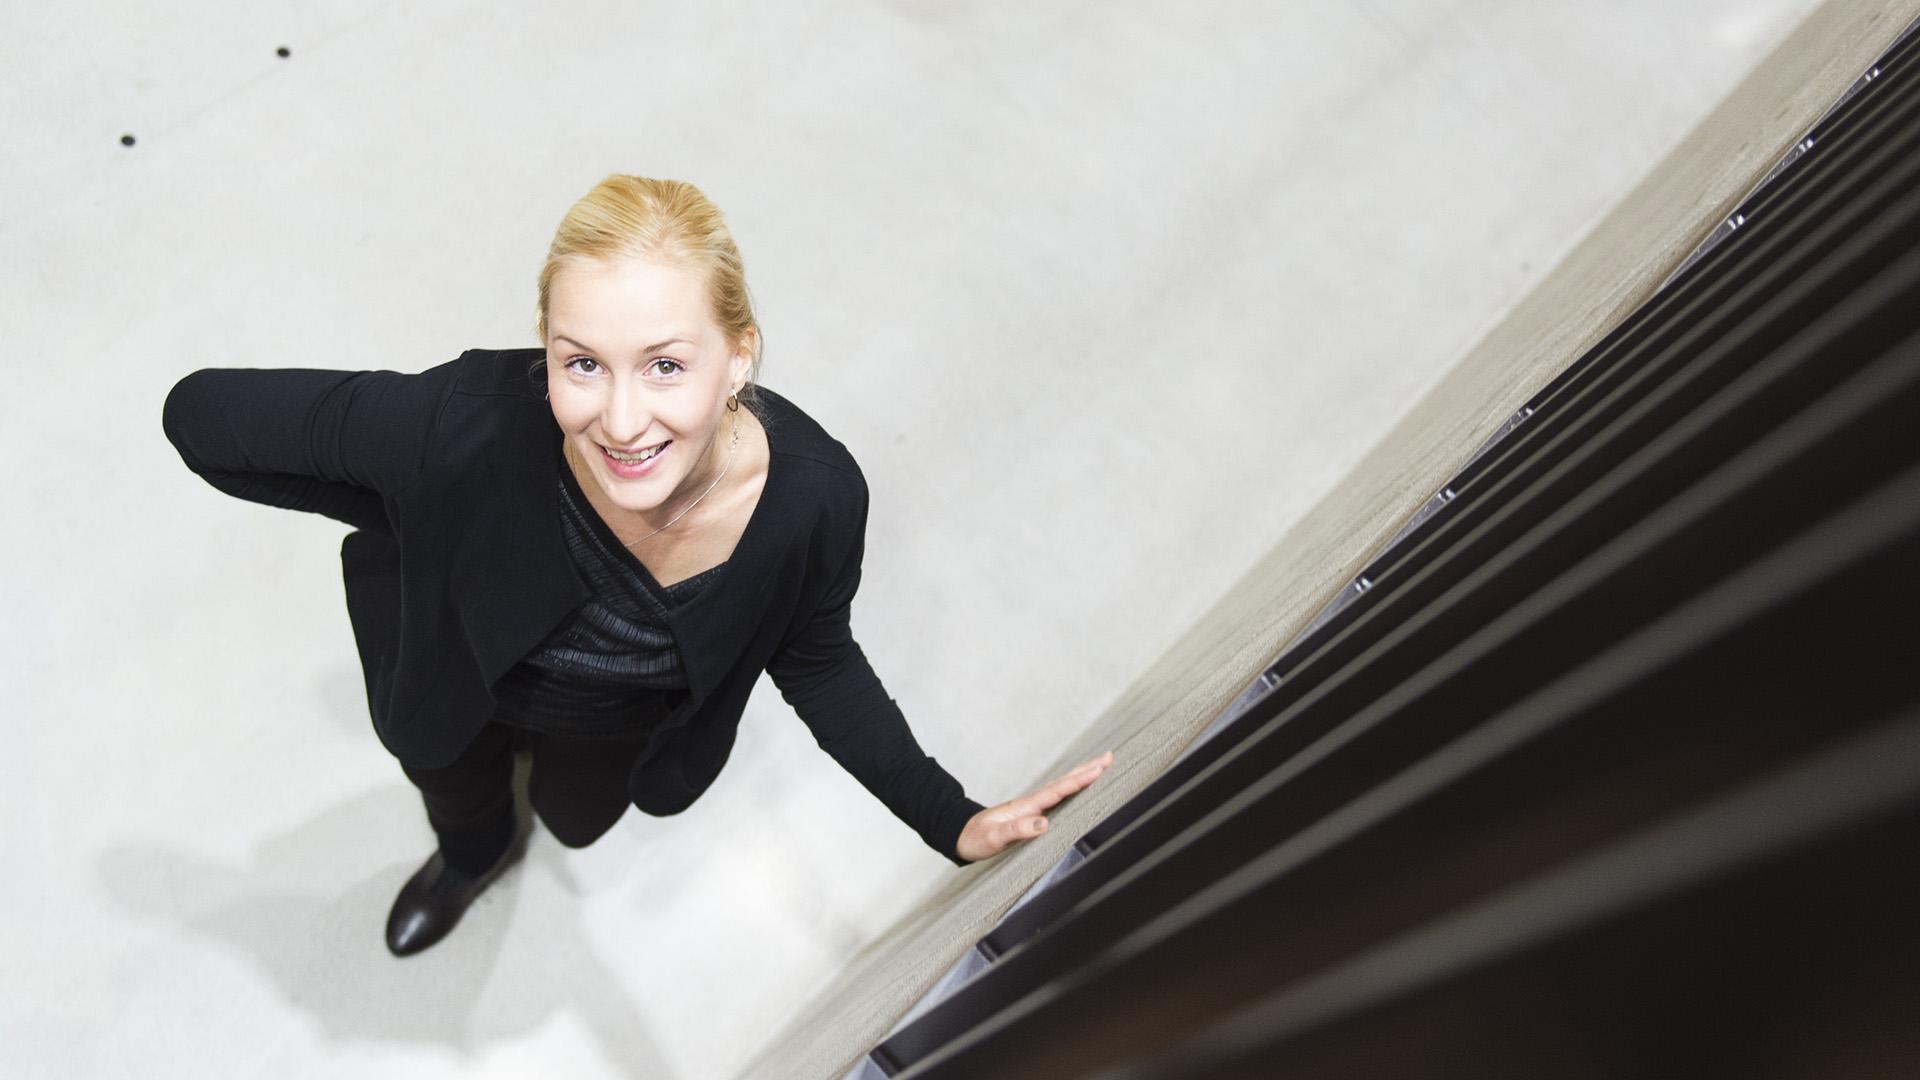 A-Insinöörien Liia Jäätvuori tutki peruskorjauksen hiilijalanjälkeä.